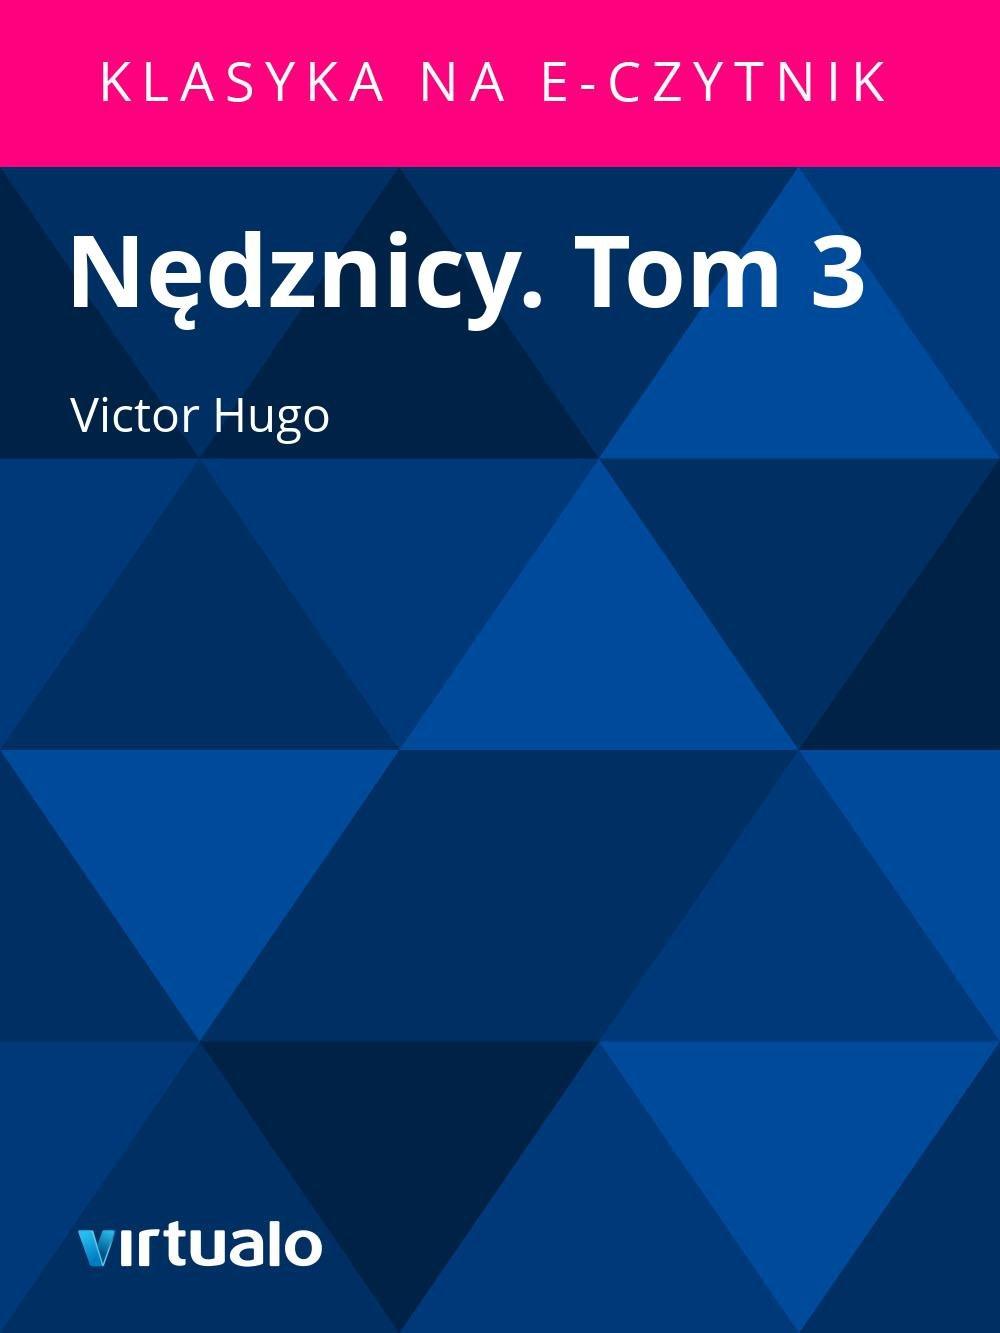 Nędznicy. Tom 3 - Ebook (Książka EPUB) do pobrania w formacie EPUB